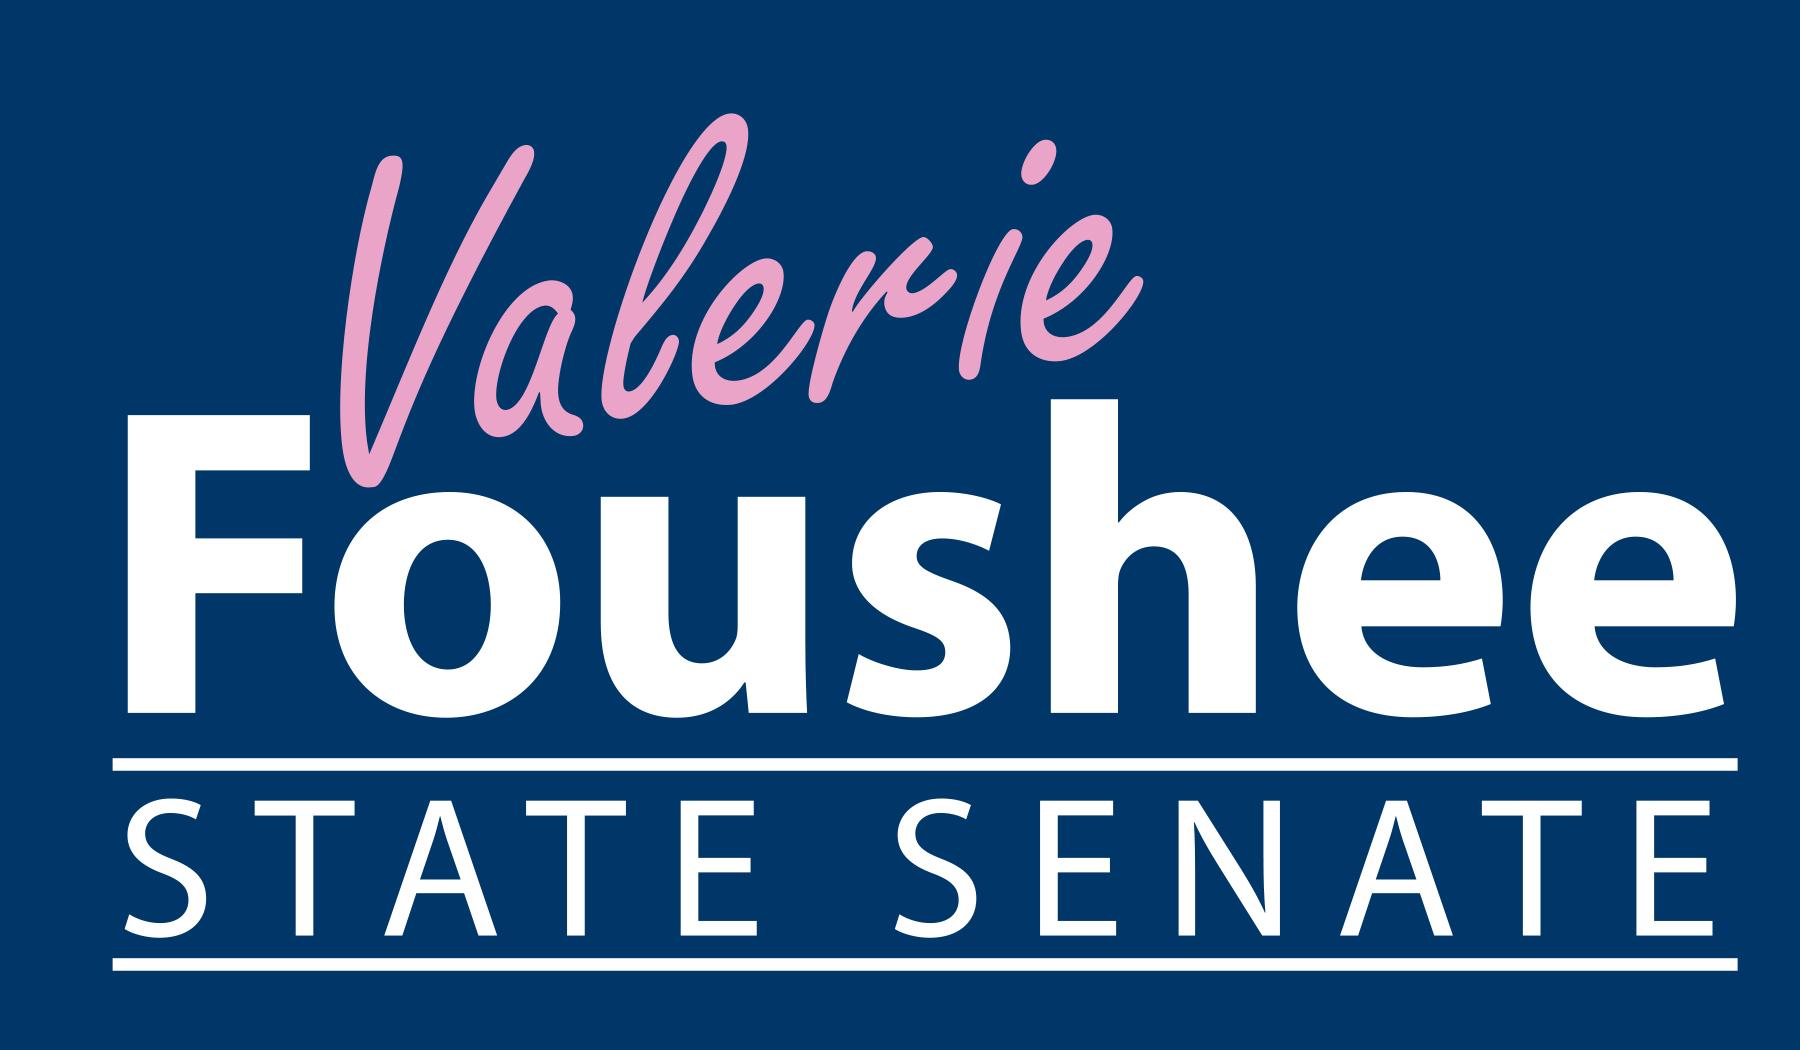 State Senator Valerie Foushee